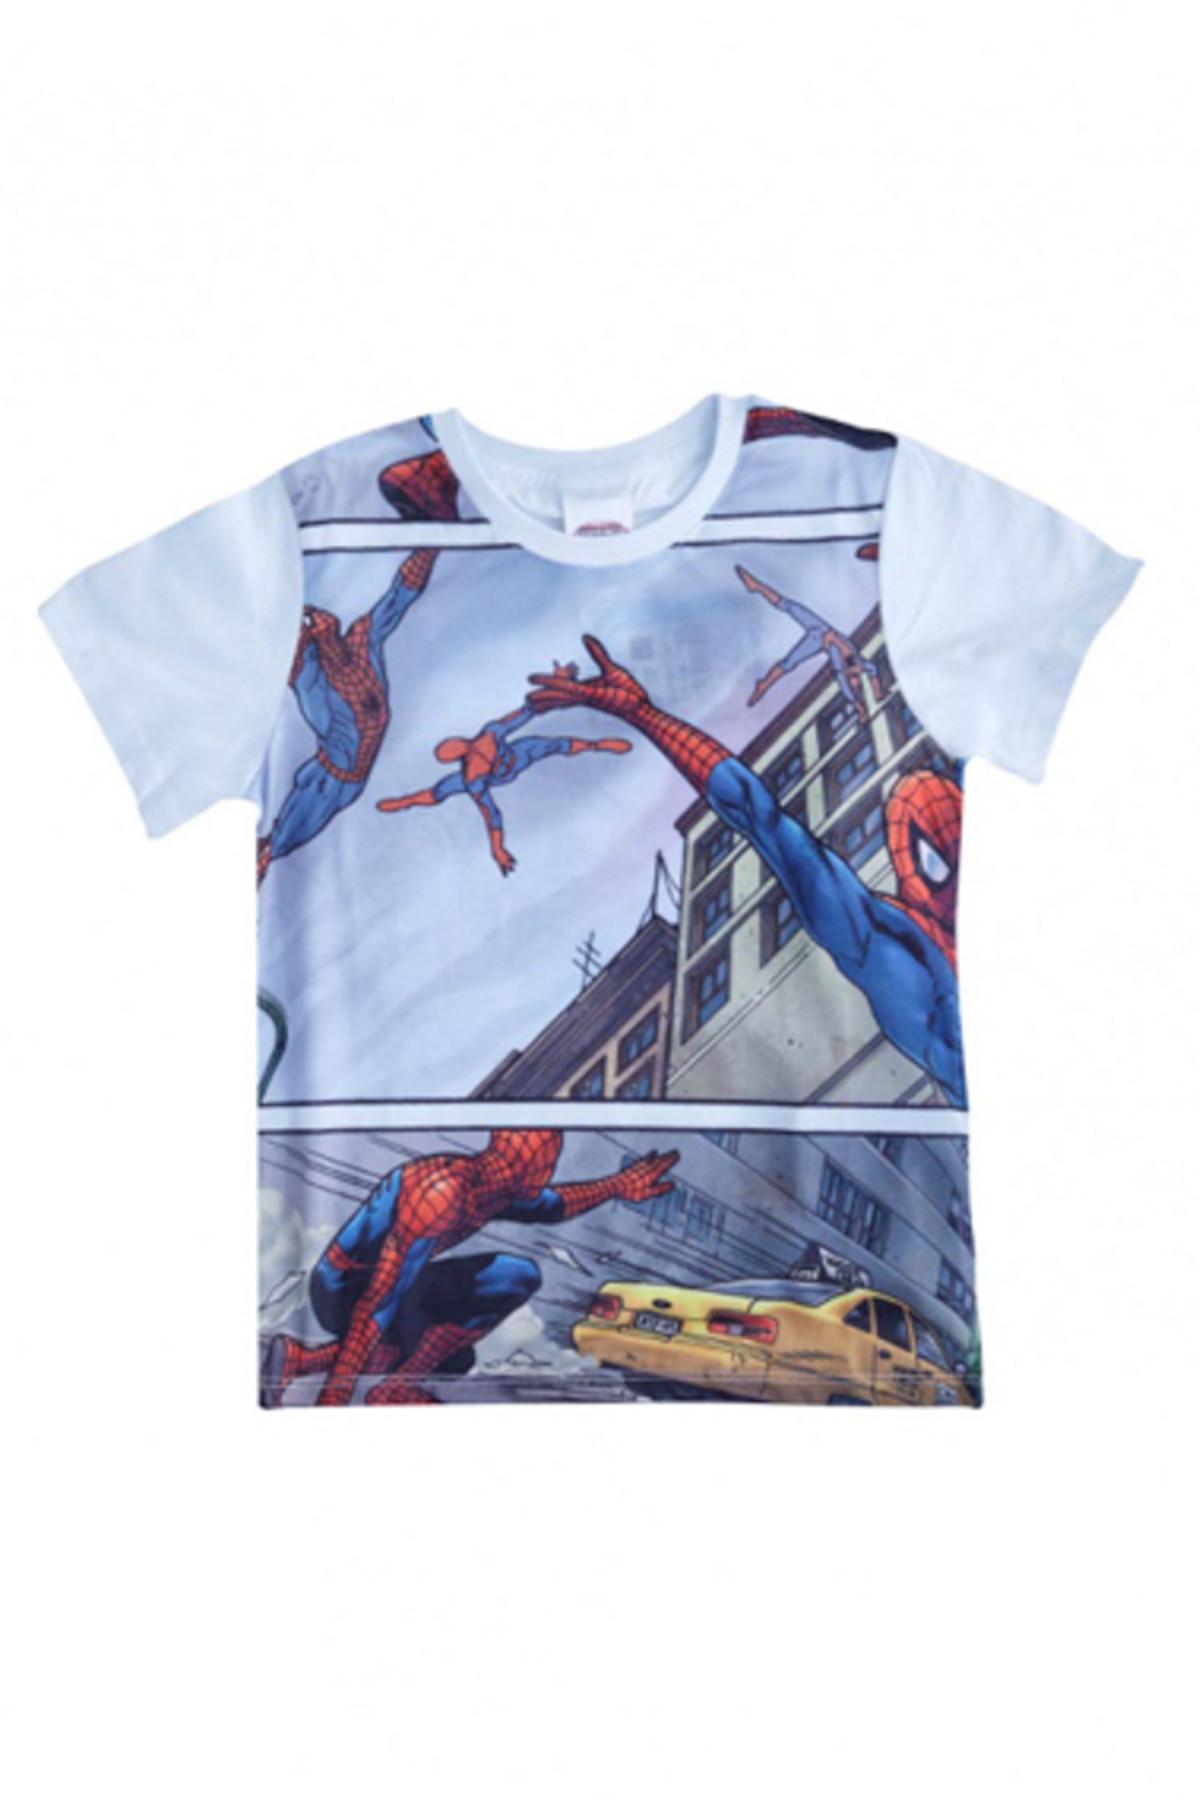 Soobe Ultimate Spider-Man Kısa Kol T-Shirt  Beyaz   15YECTSRT1329_00-0001 1